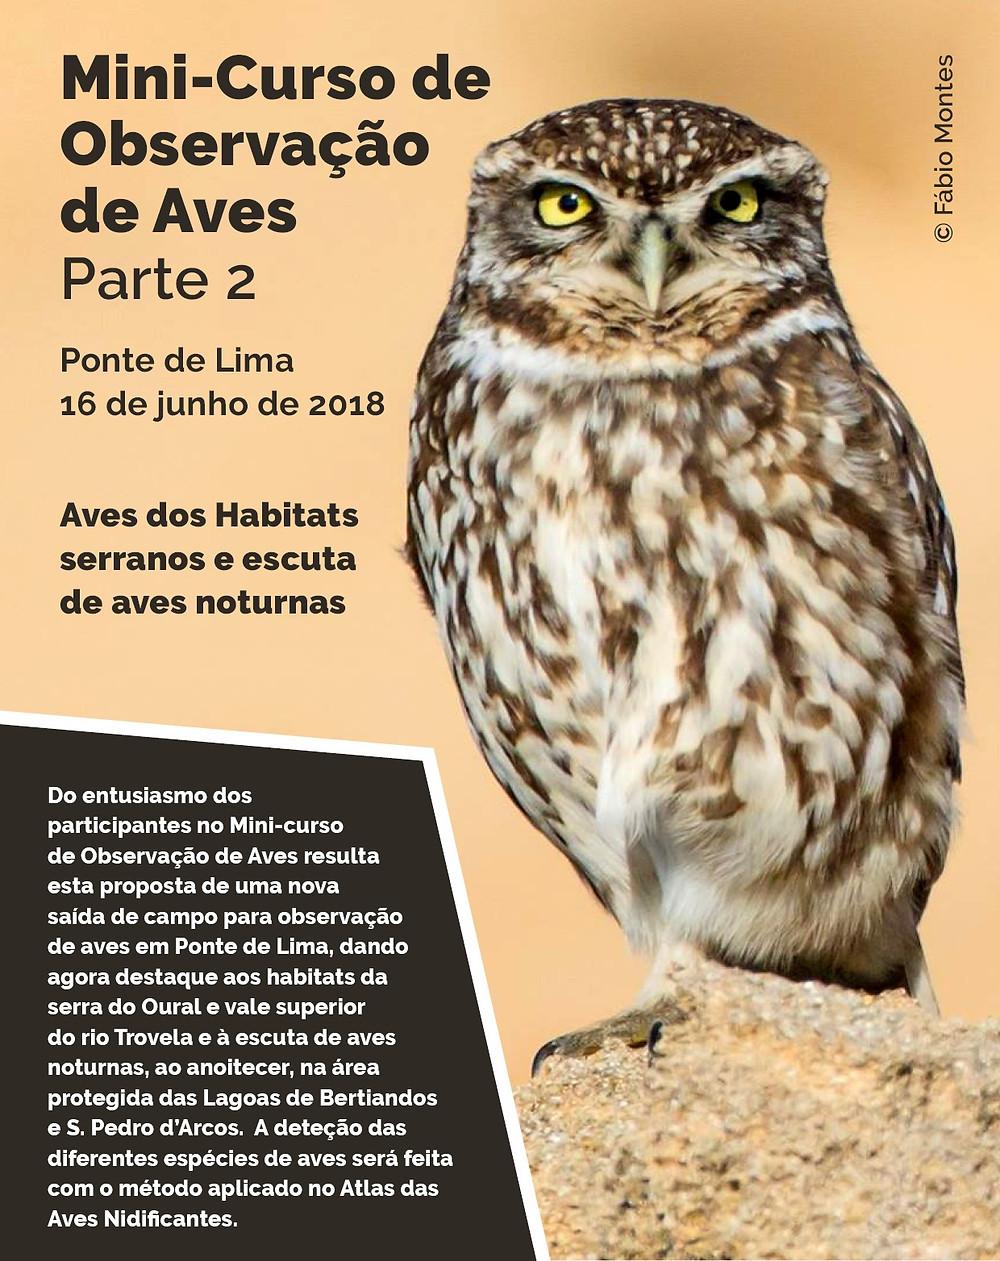 Minicurso de Observação de Aves – Parte 2 - 16 de junho, em Ponte de Lima   Peneda Gerês TV